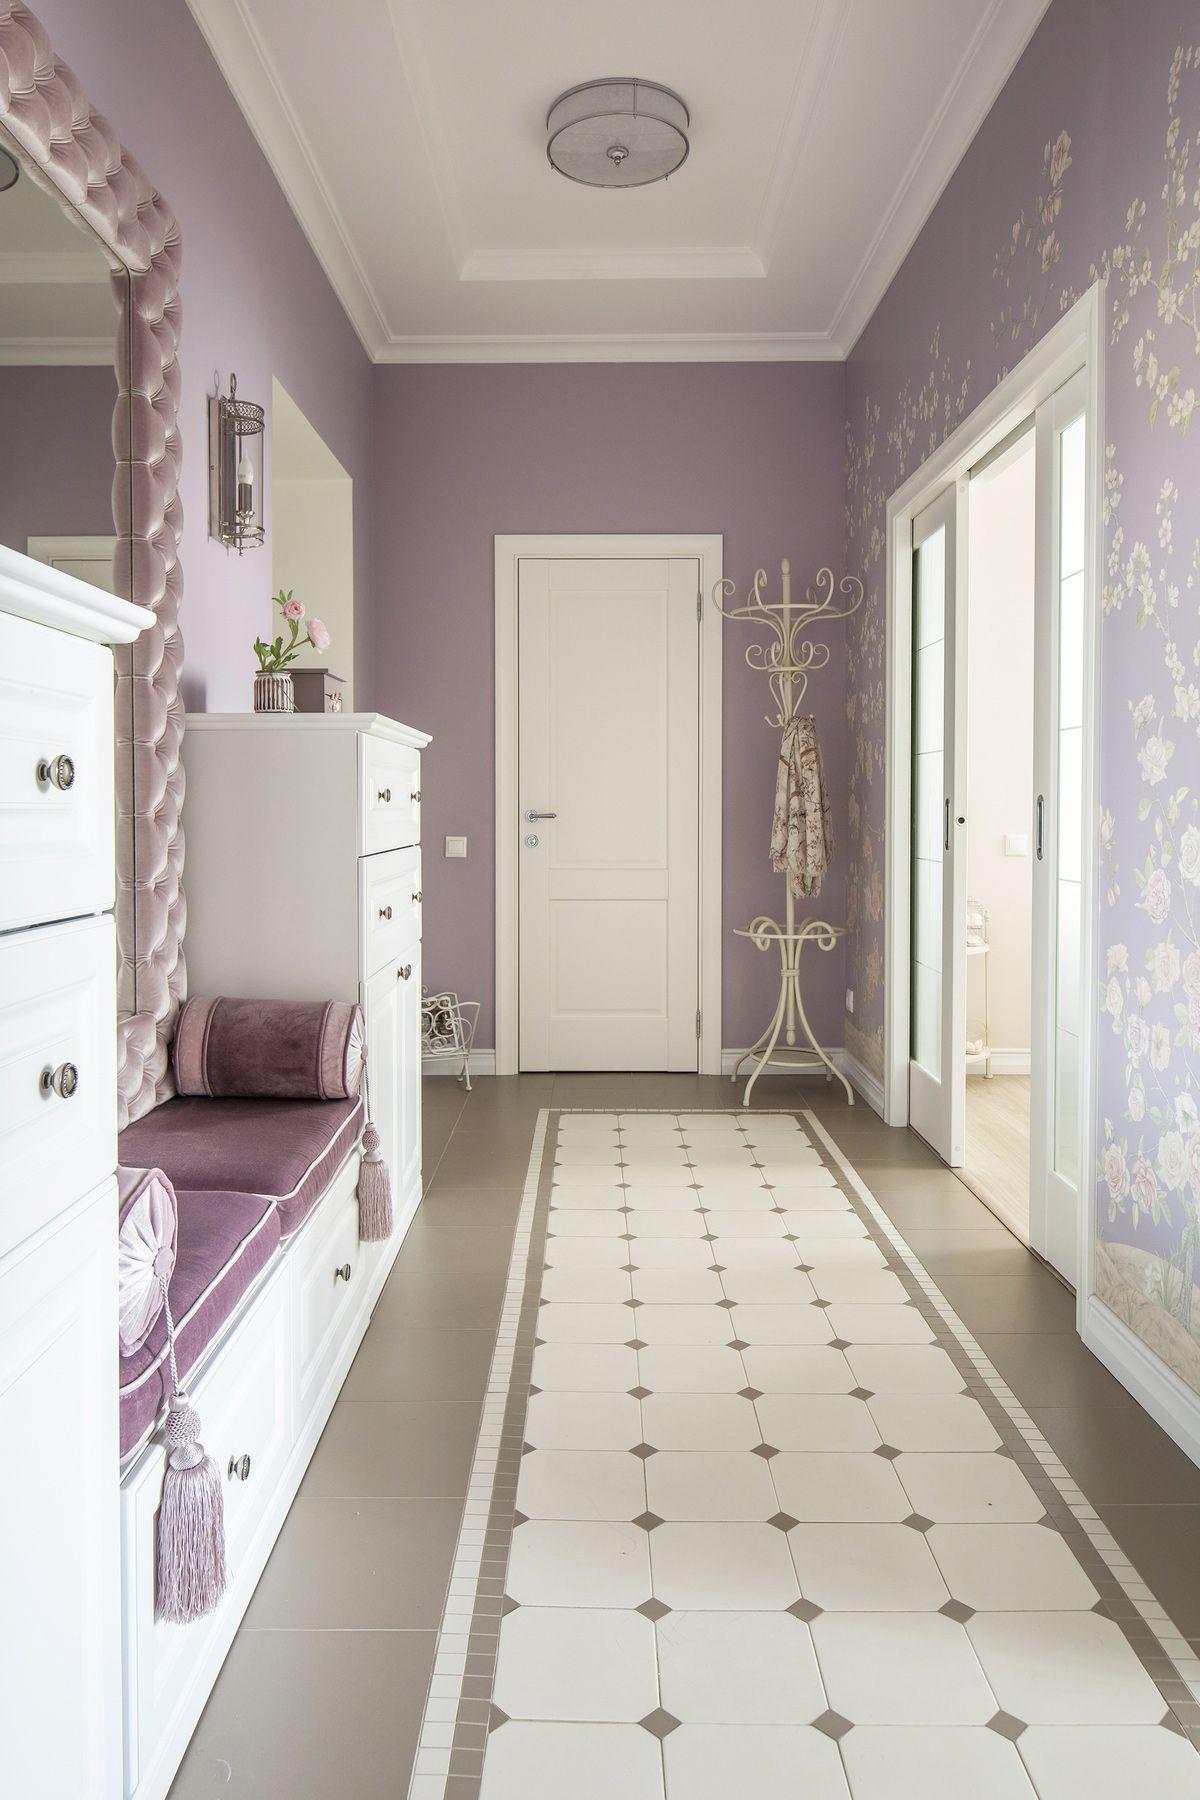 холл № 22464, фото № 70404 в большом разрешении, автор - Юркова Cветлана на сайте InteriorExplorer.ru